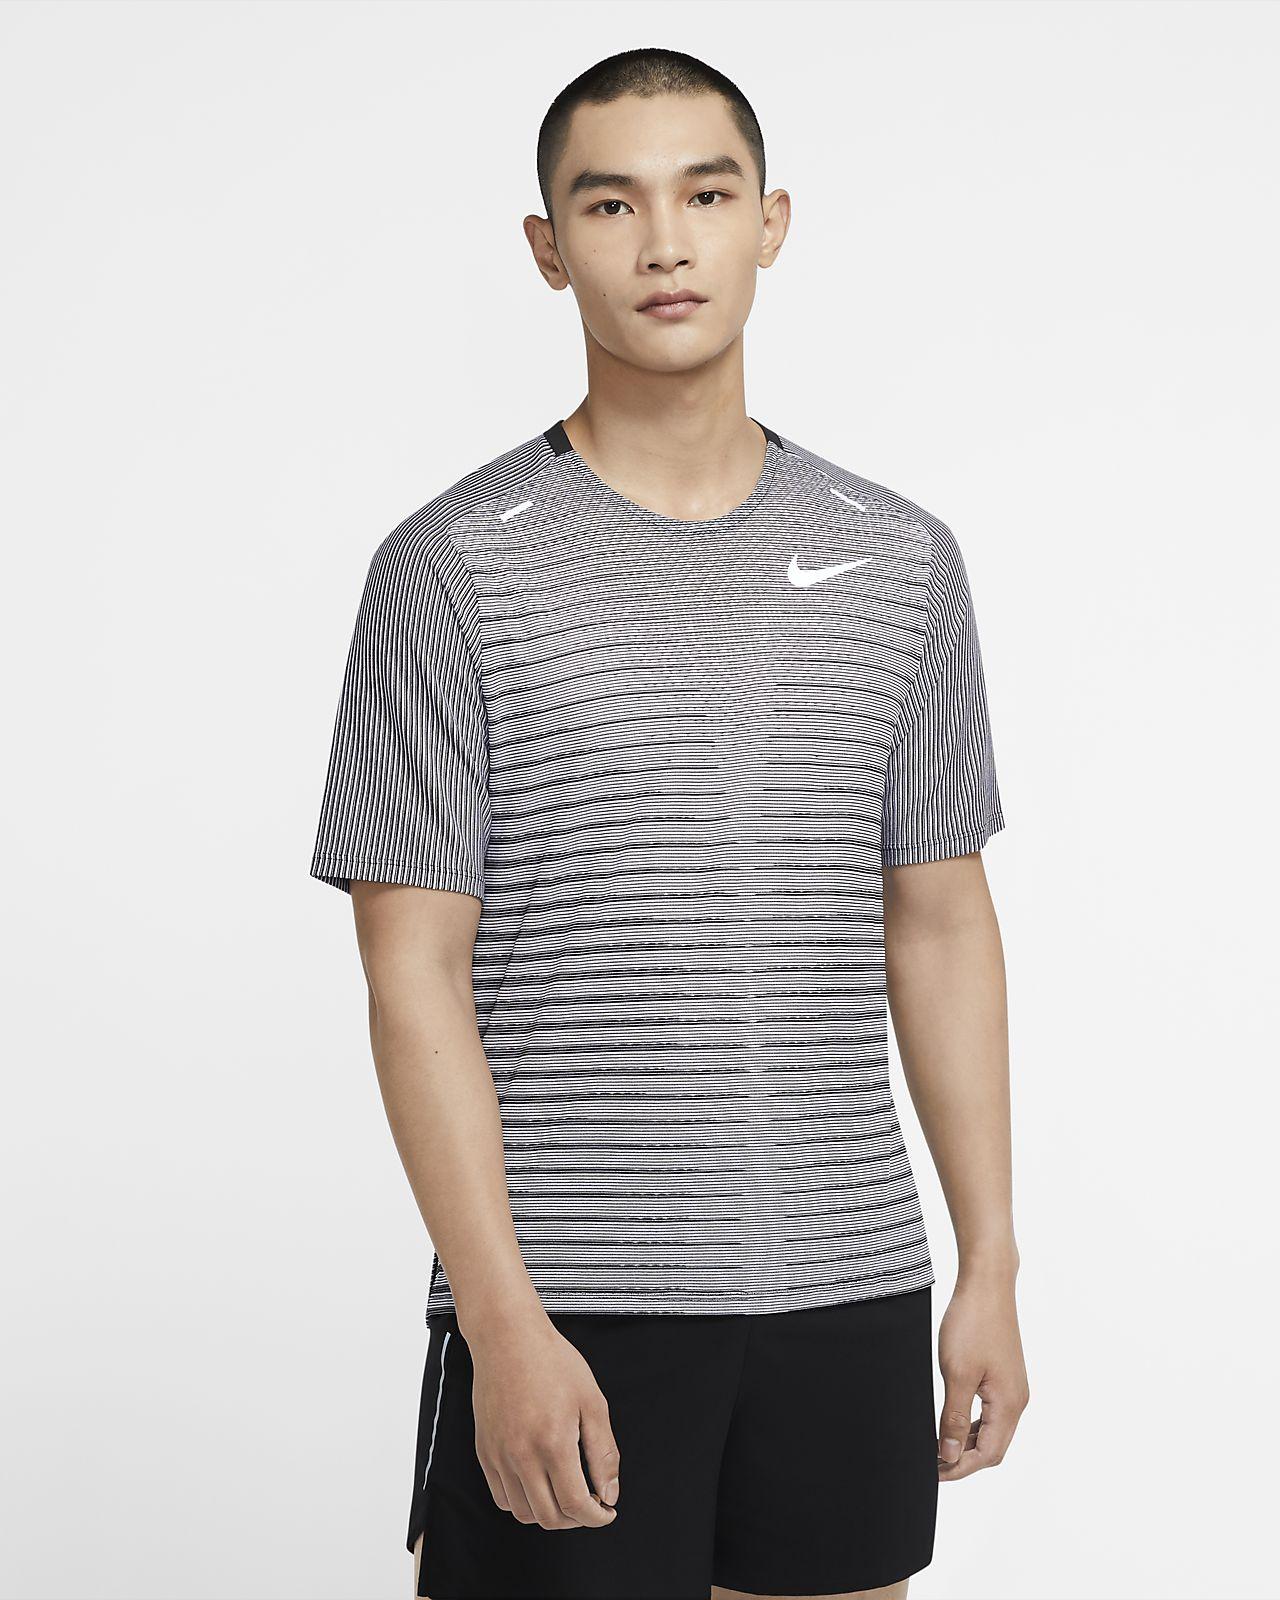 Nike TechKnit Future Fast Herren-Laufoberteil